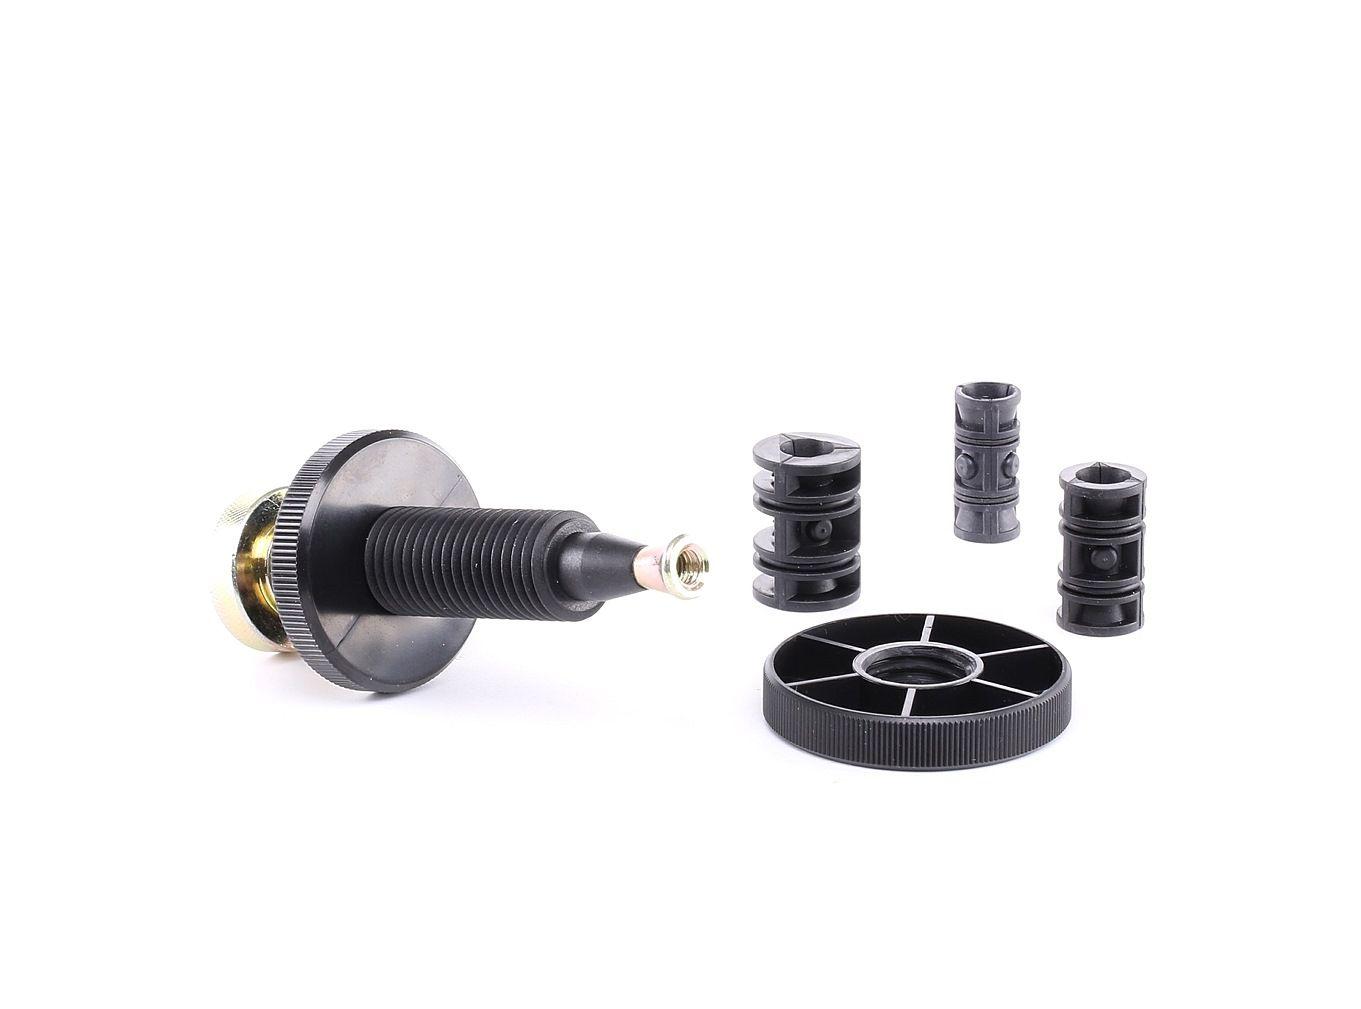 köp Kopplingsverktyg NE00399 när du vill